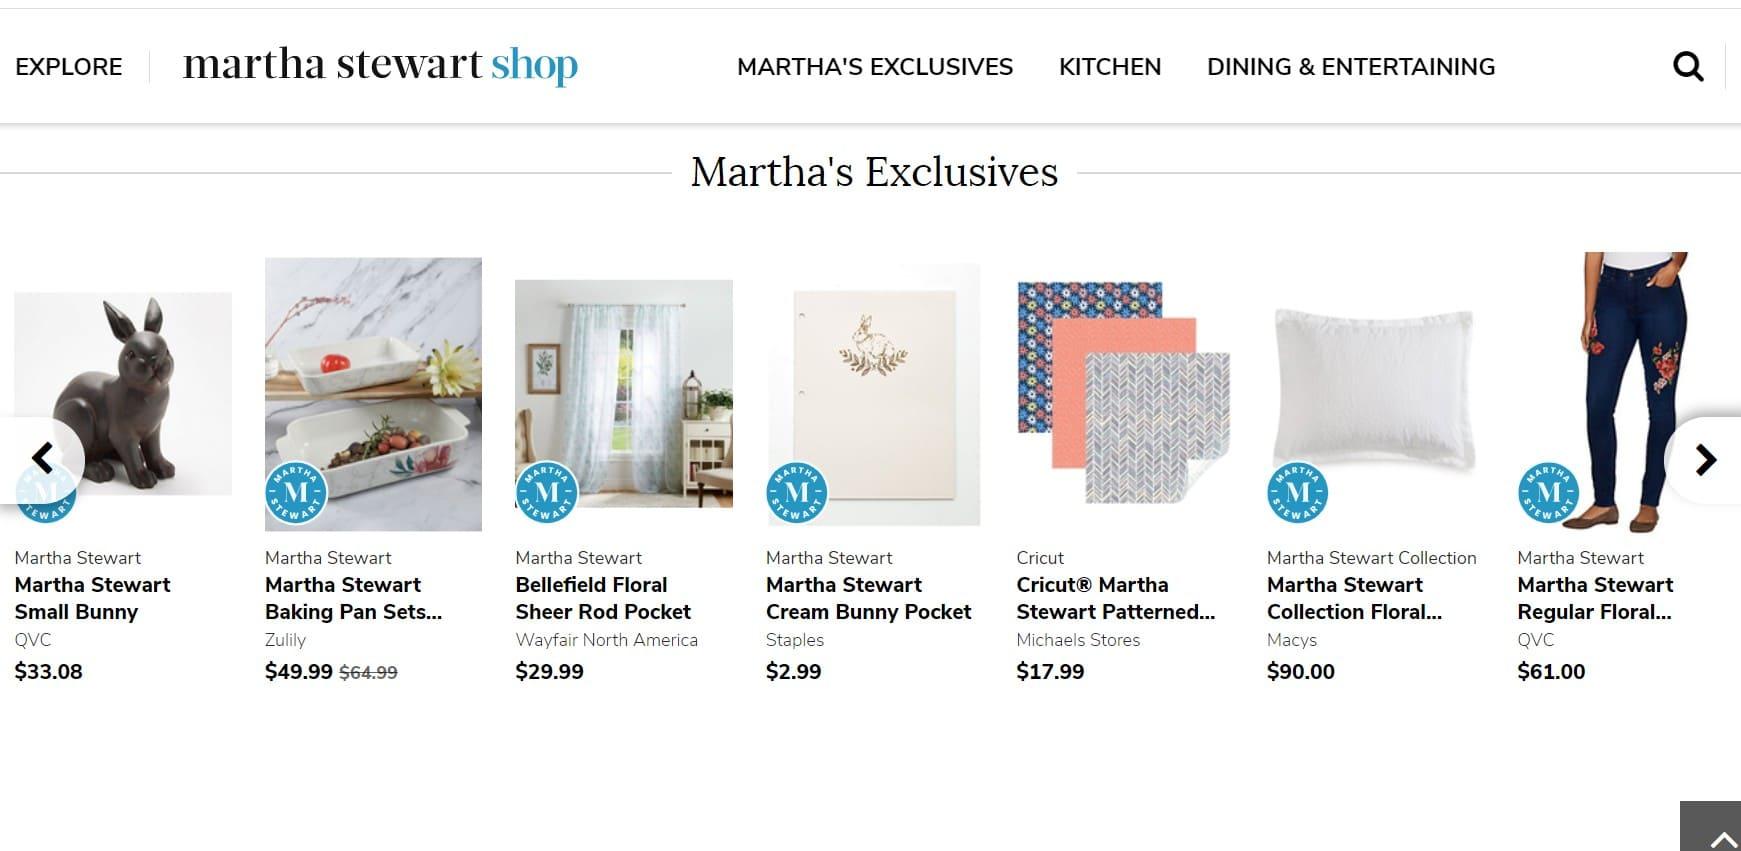 offsite ads channel-martha stewart